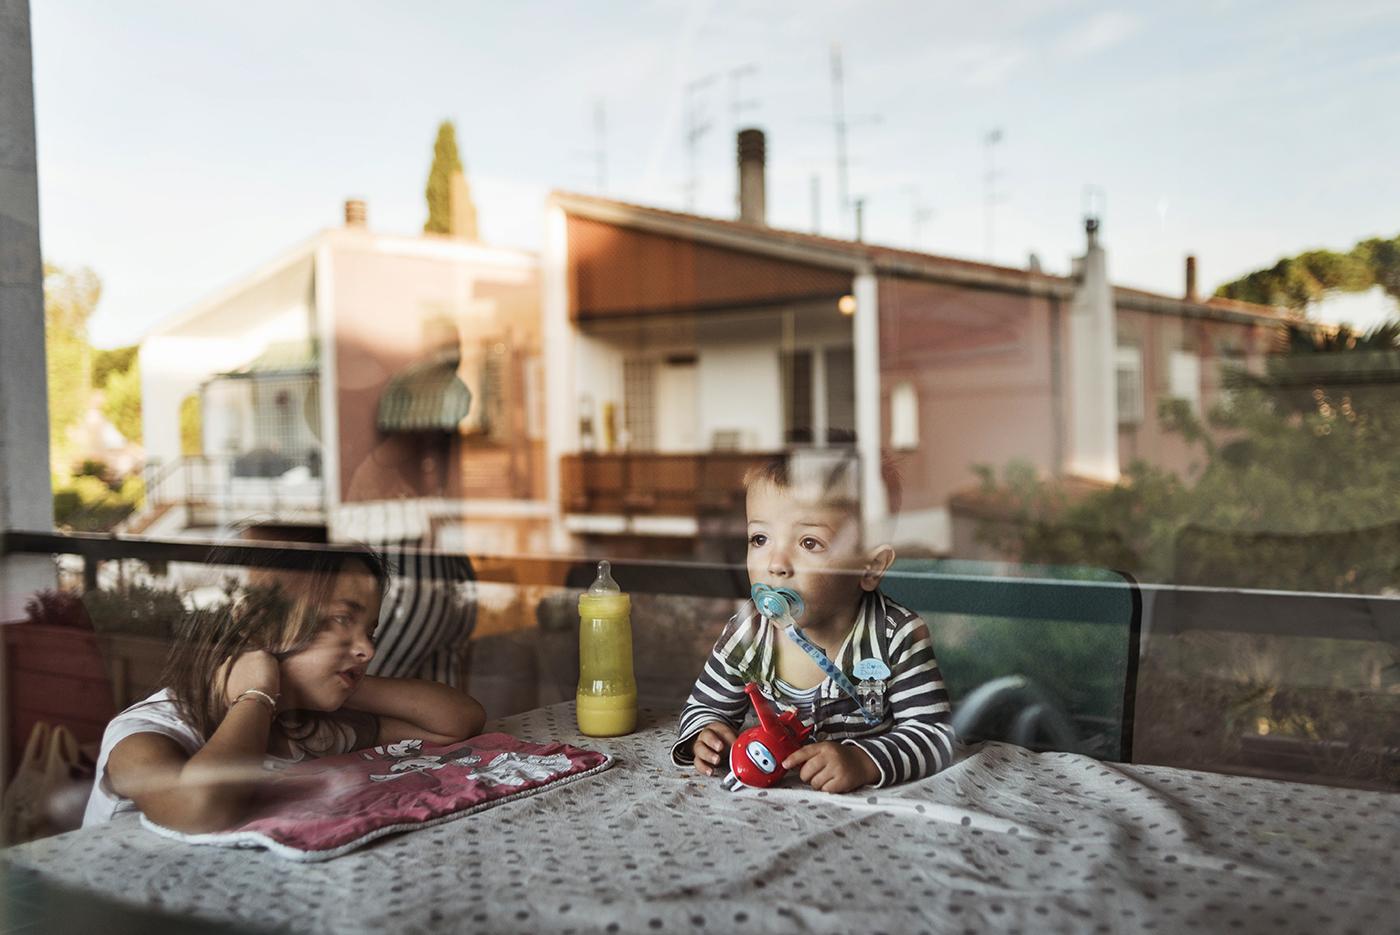 reportage-foto-famiglia-074.jpg